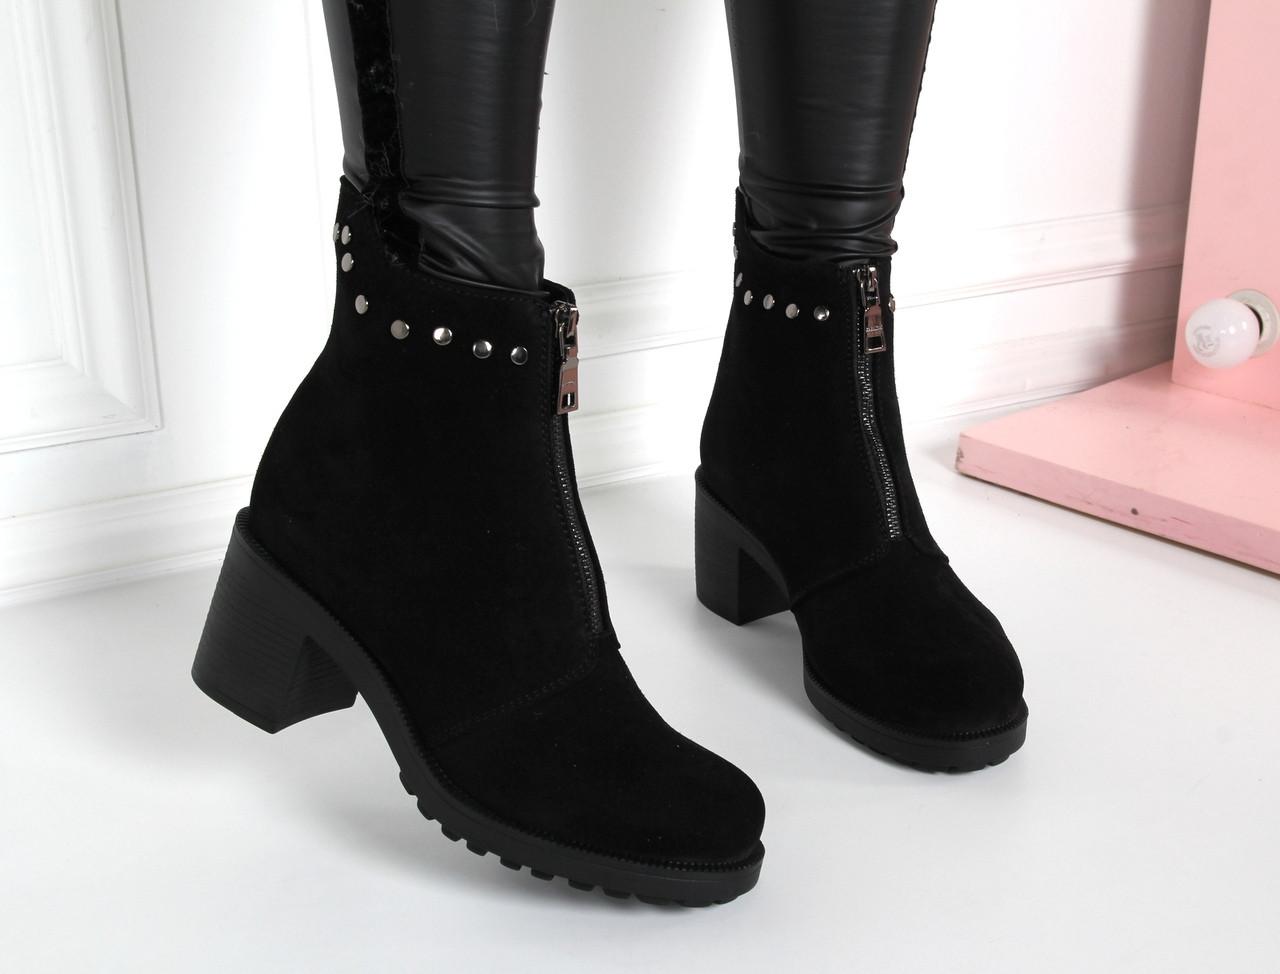 Ботинки на толстом каблуке впереди молния. Натуральный замш